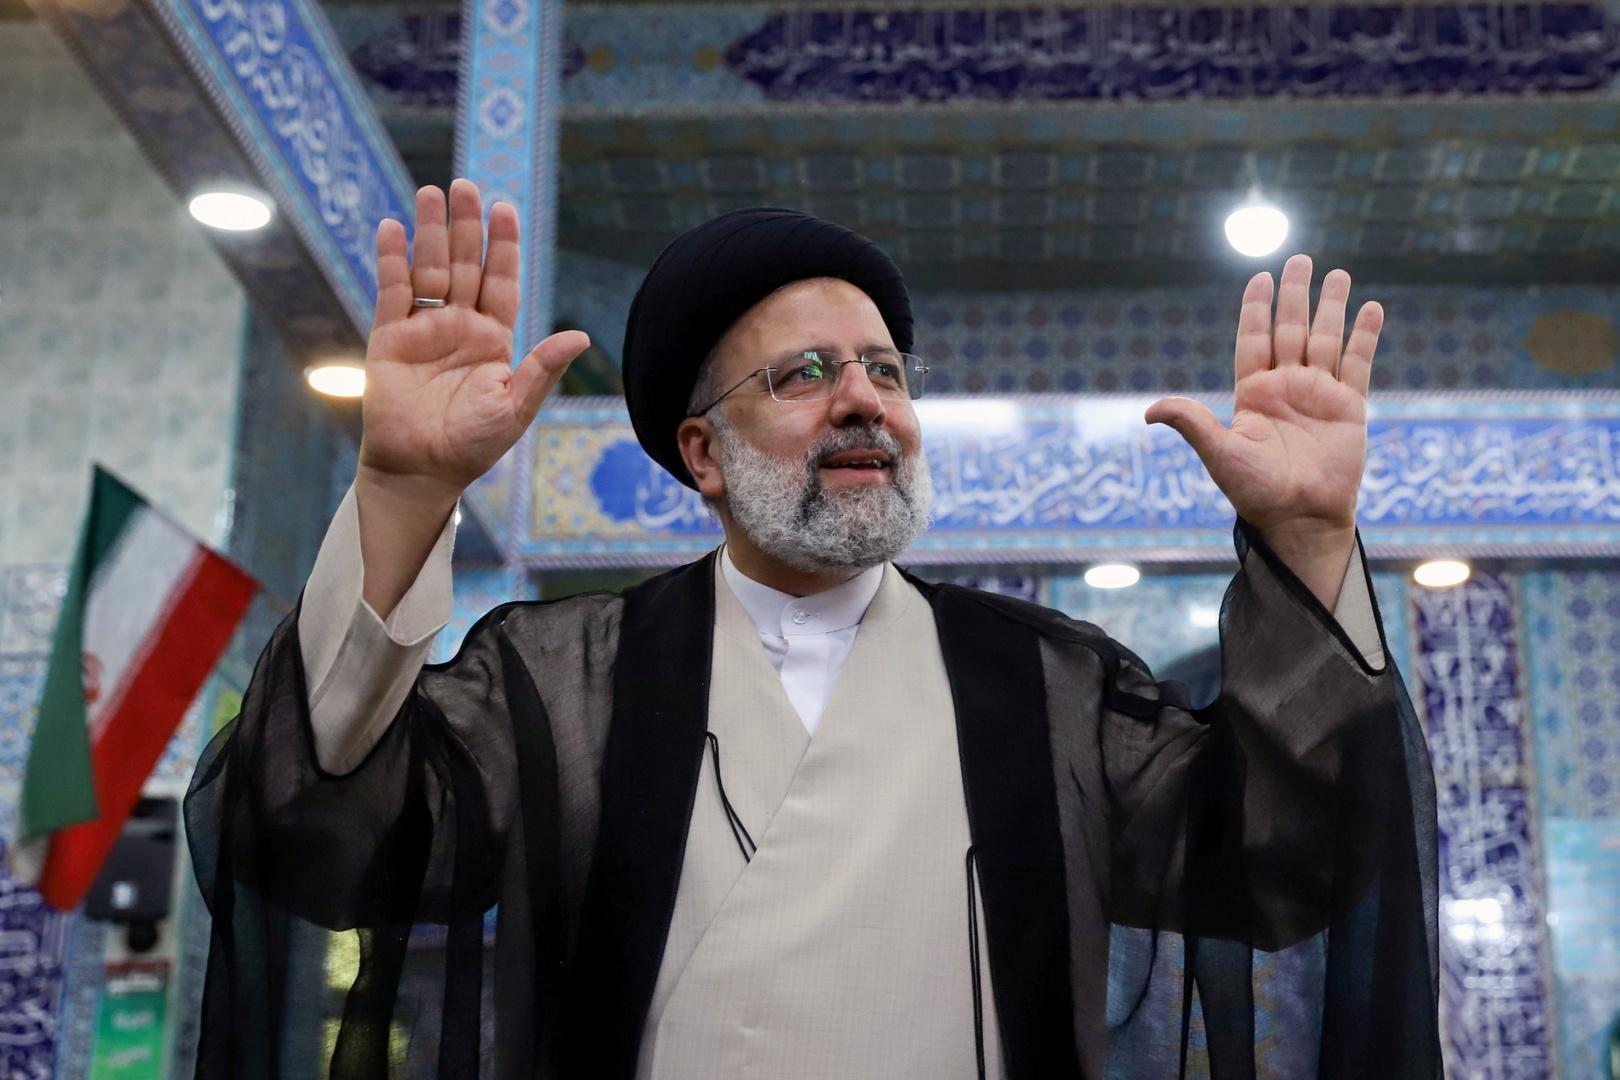 إبراهيم رئيسي يفوز بانتخابات الرئاسة الإيرانية